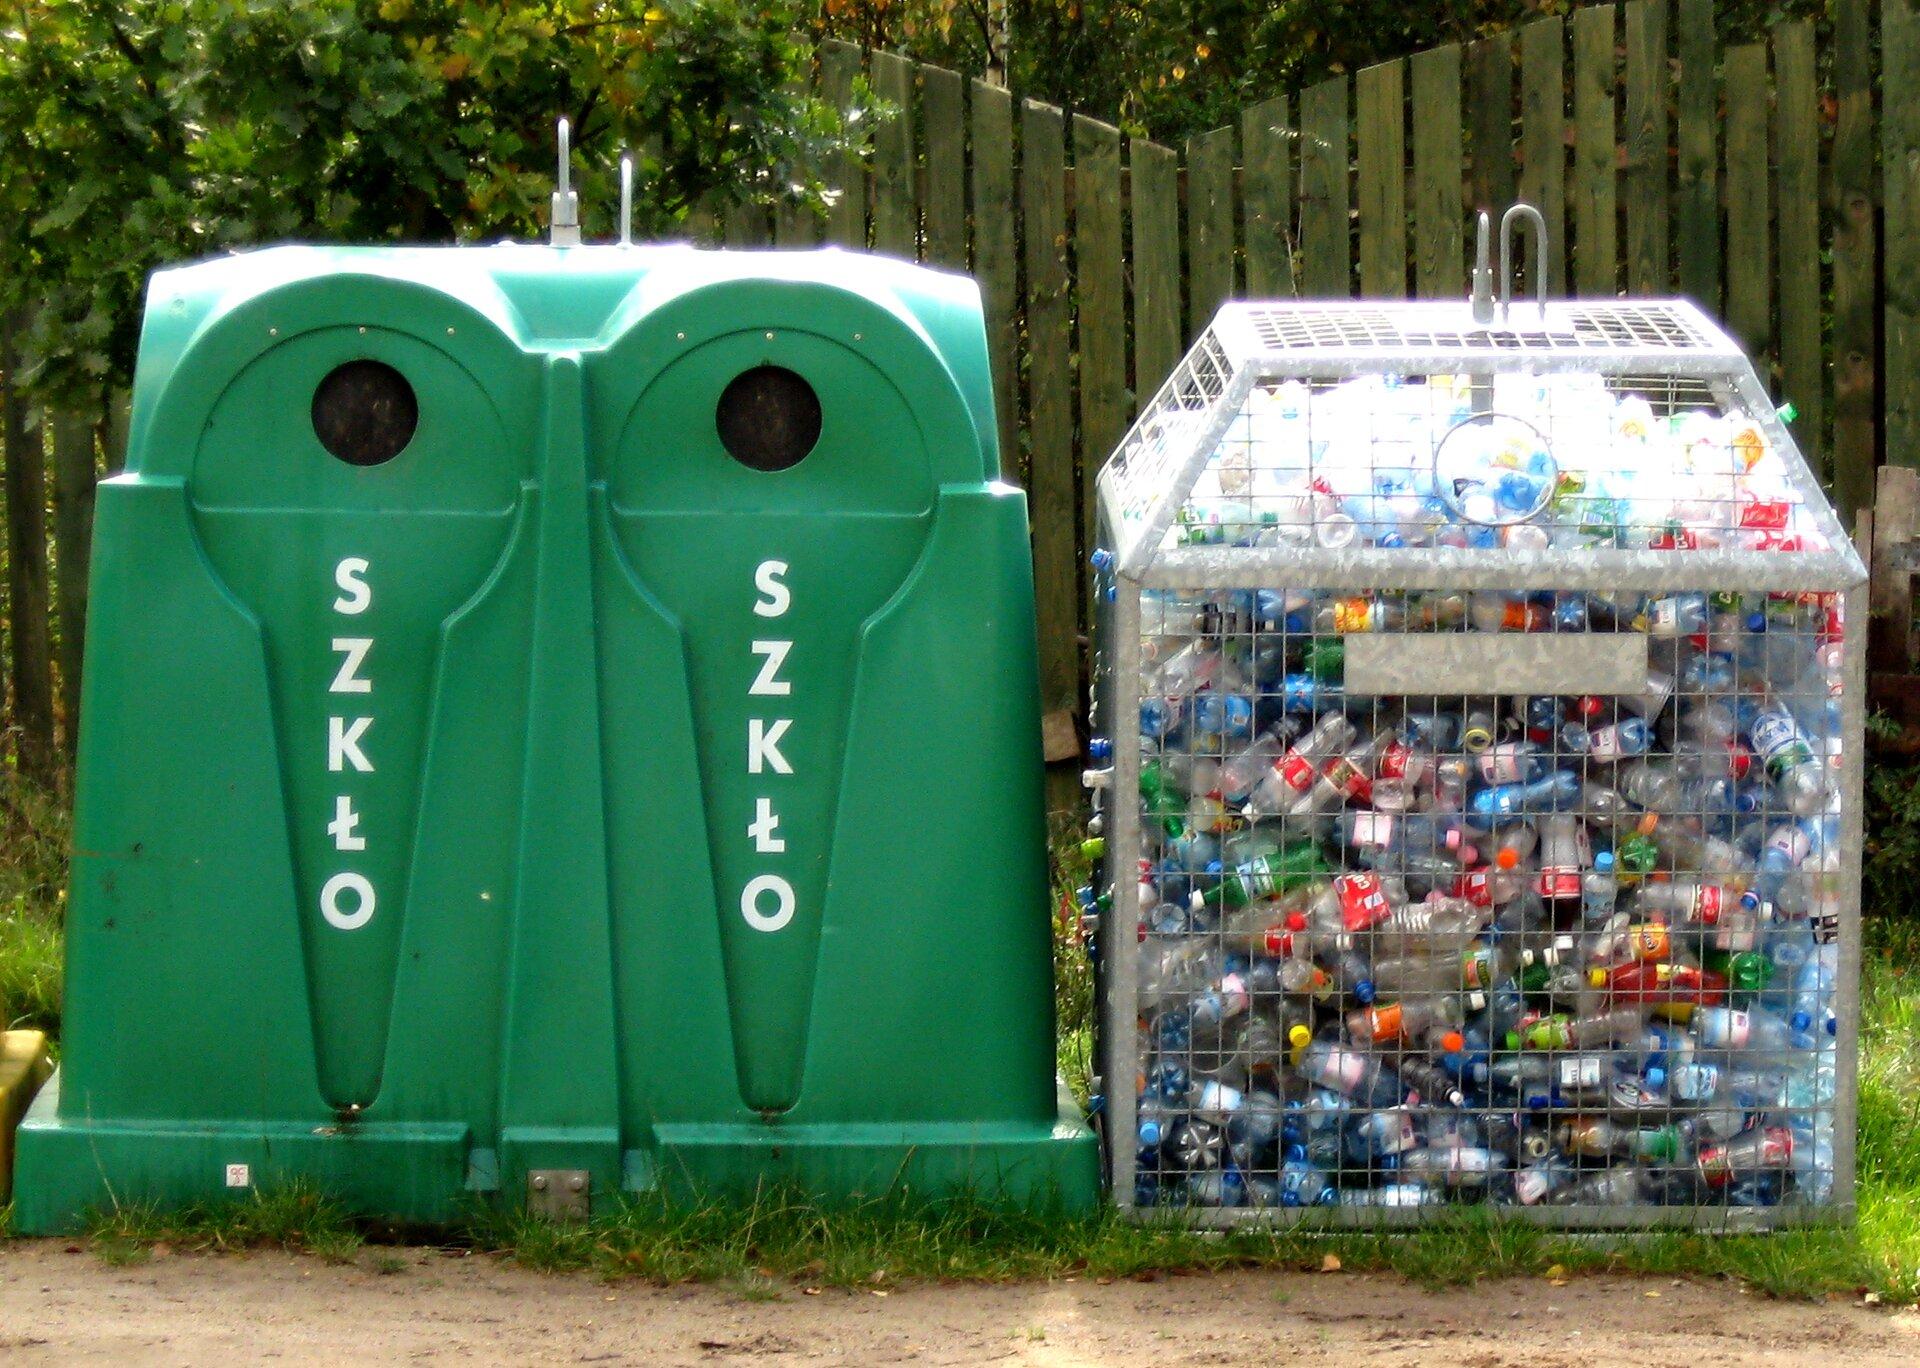 Na zdjęciu pojemniki do recyclingu. Zlewej strony zielony pojemnik zokrągłym otworem wgórnej części. Napis szkło. Zprawej strony pojemnik zsiatki. Wewnątrz plastikowe butelki.